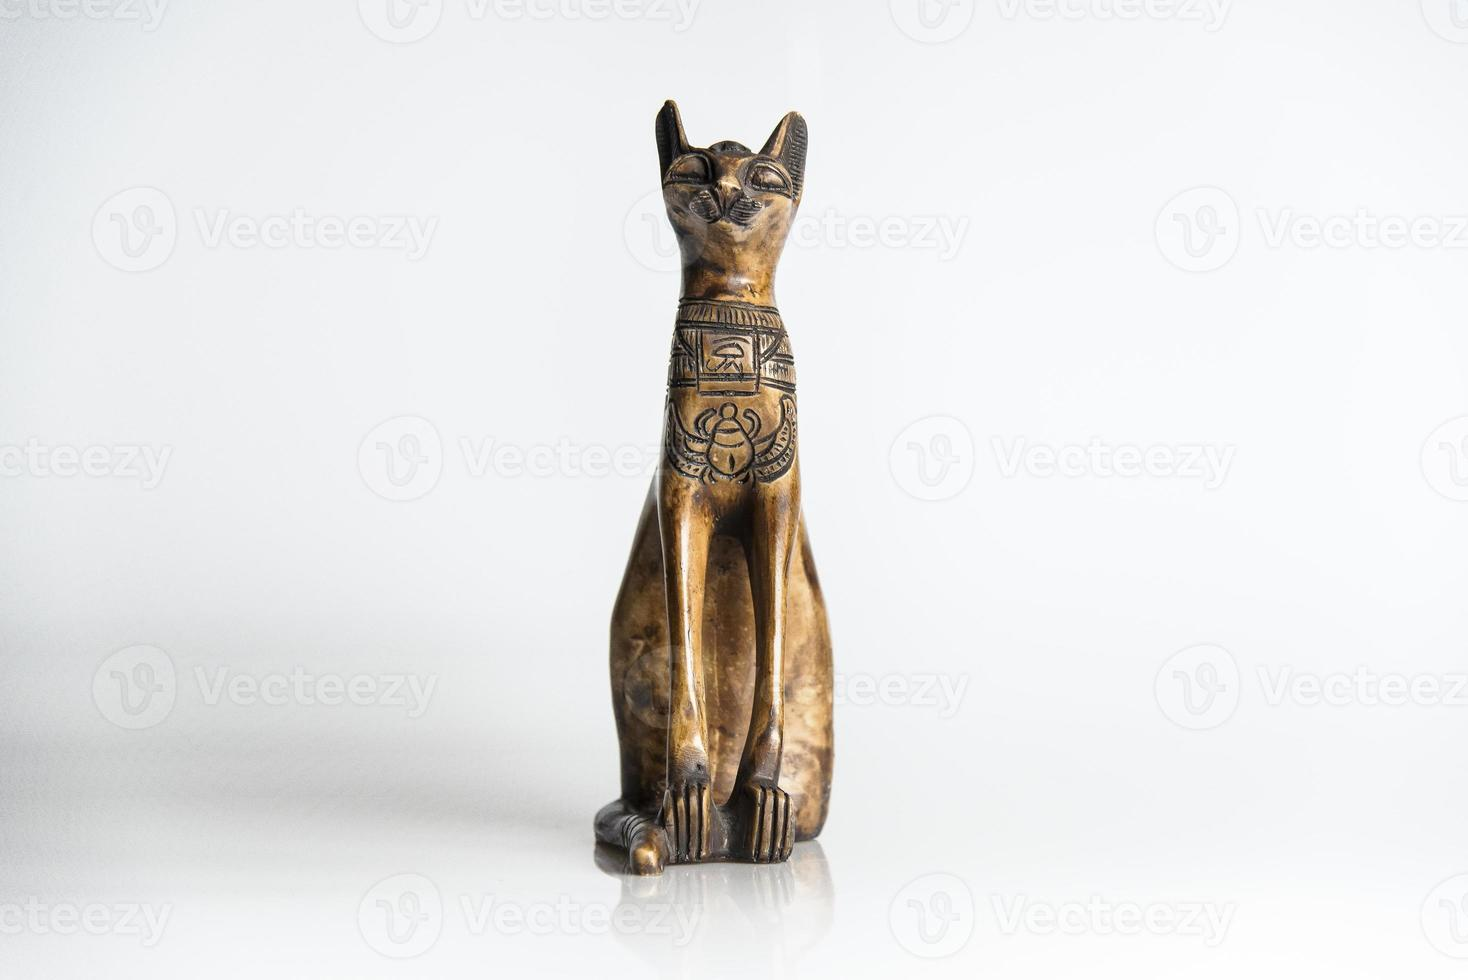 träkatt - souvenir från Egypten foto